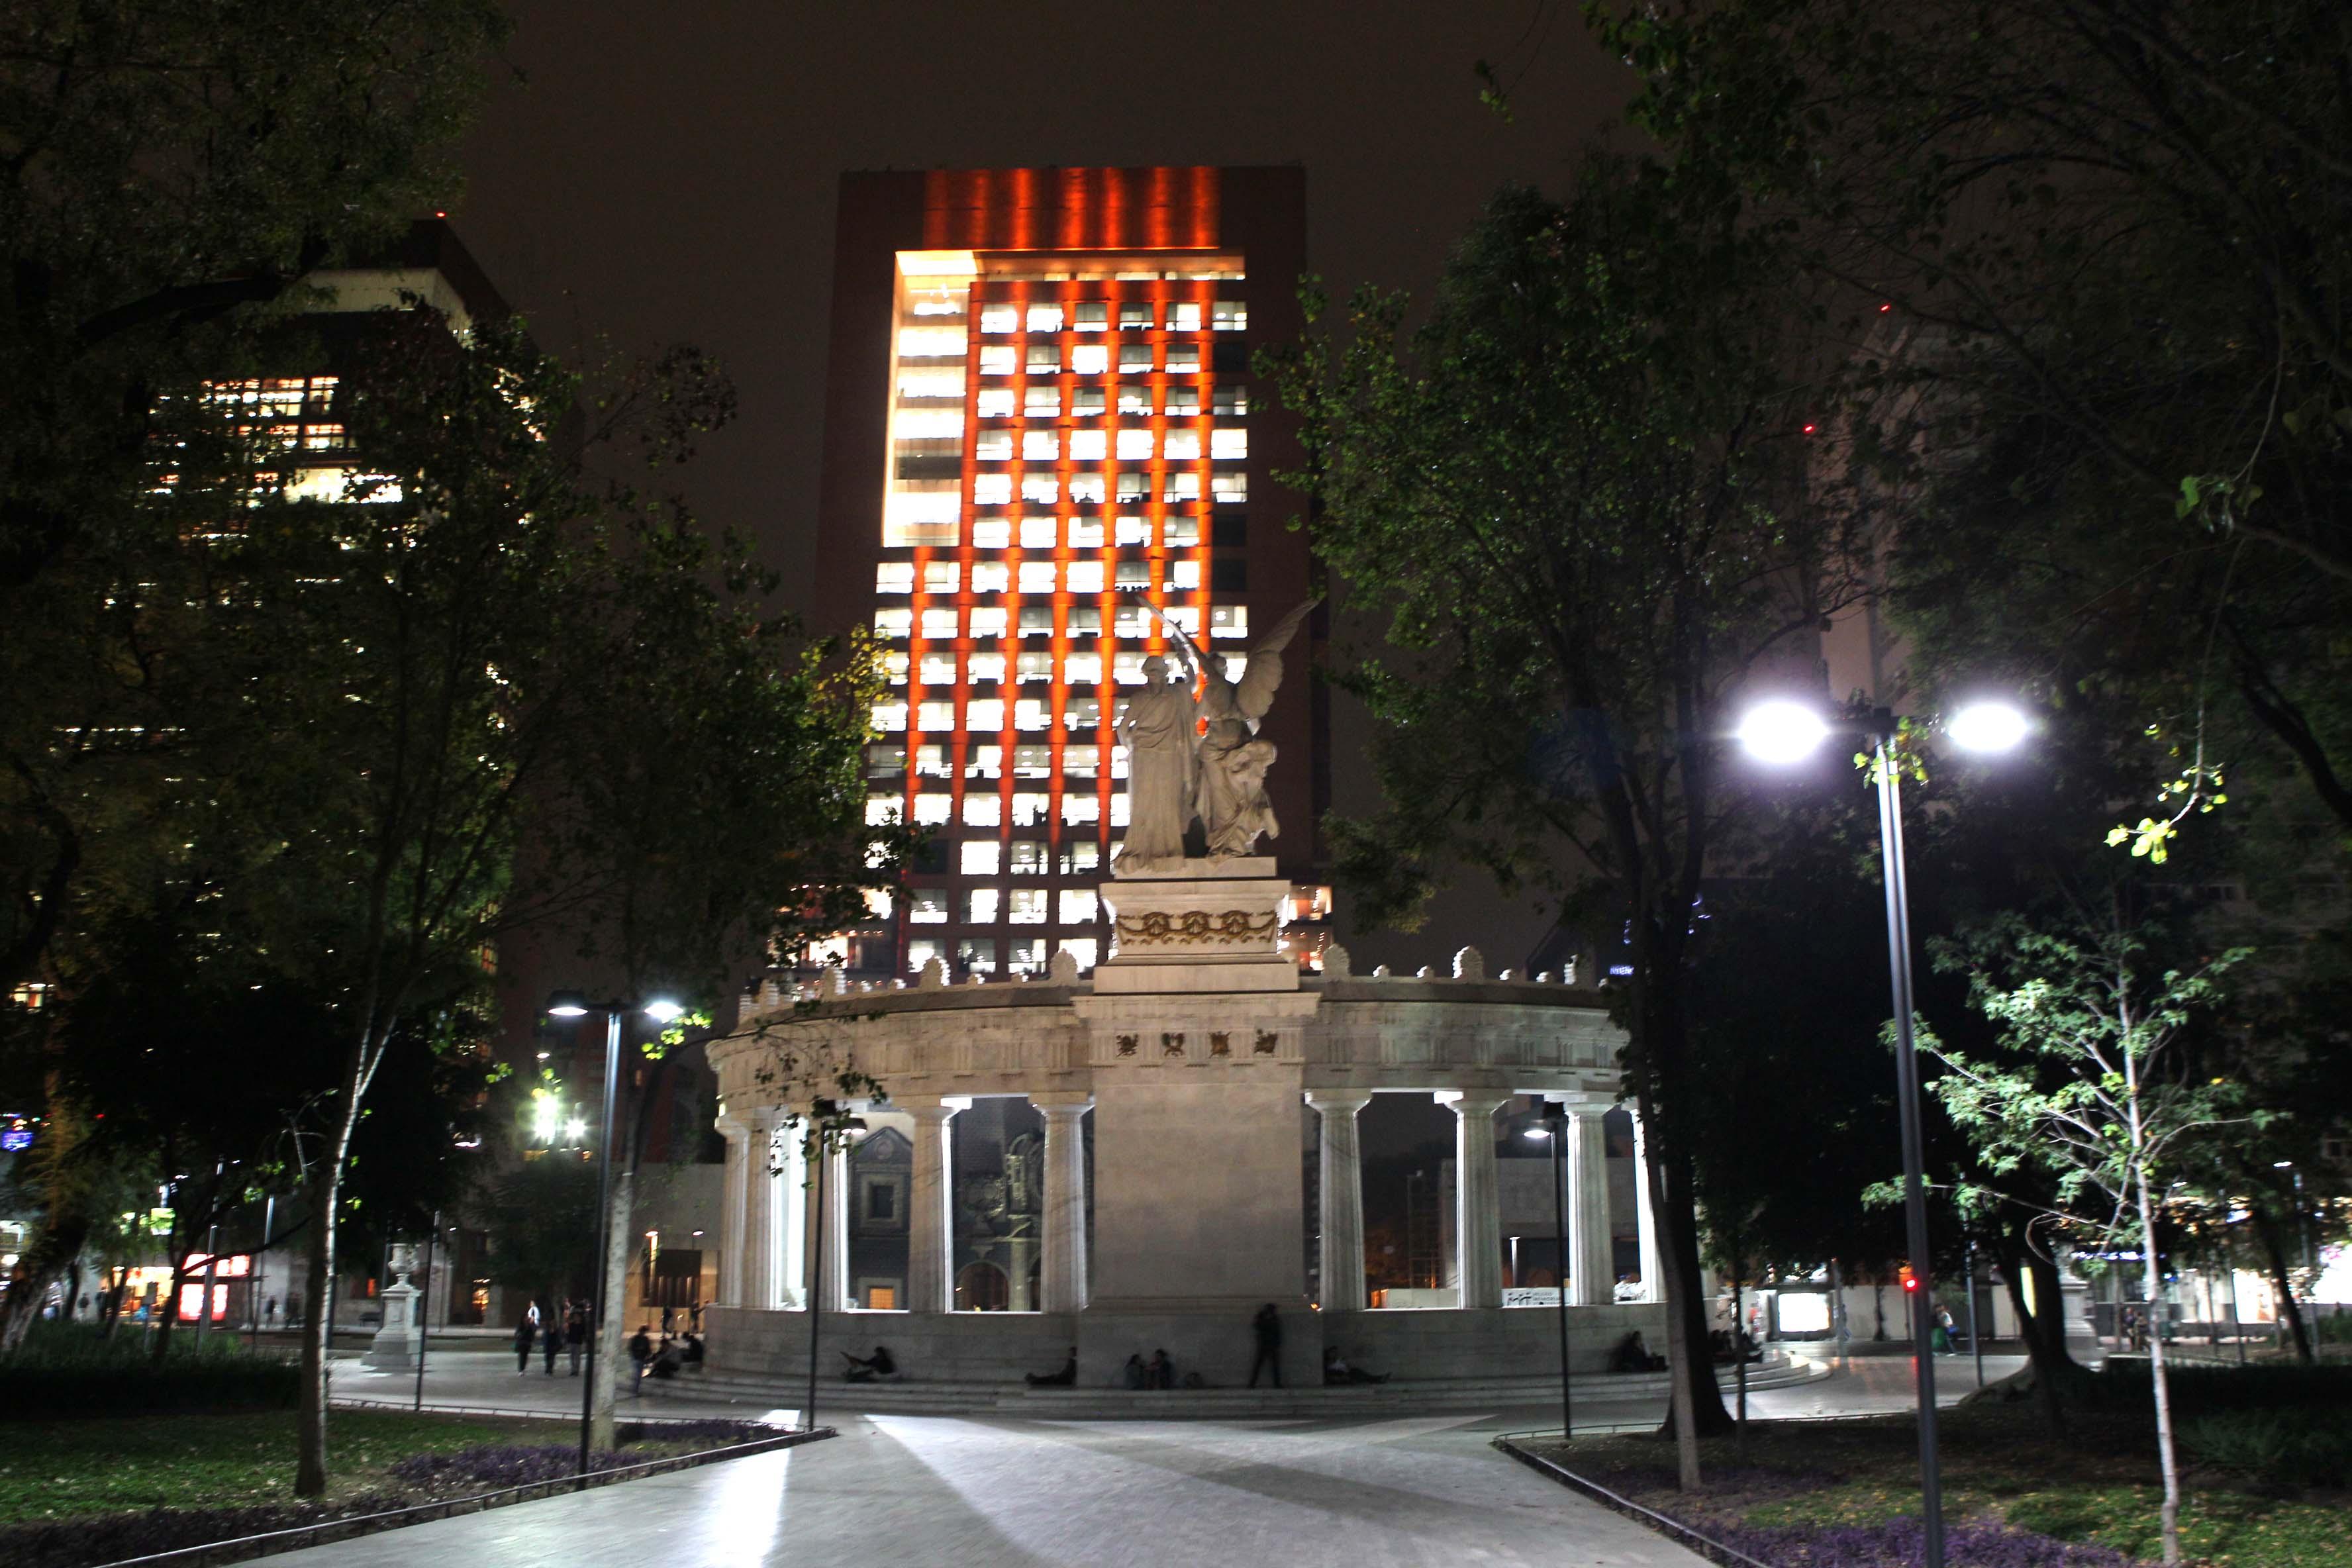 FOTO 2 Edificio de la SRE se ilumina de naranja  por el D a Internacional de la Eliminaci n de la Violencia Contra la Mujerjpg